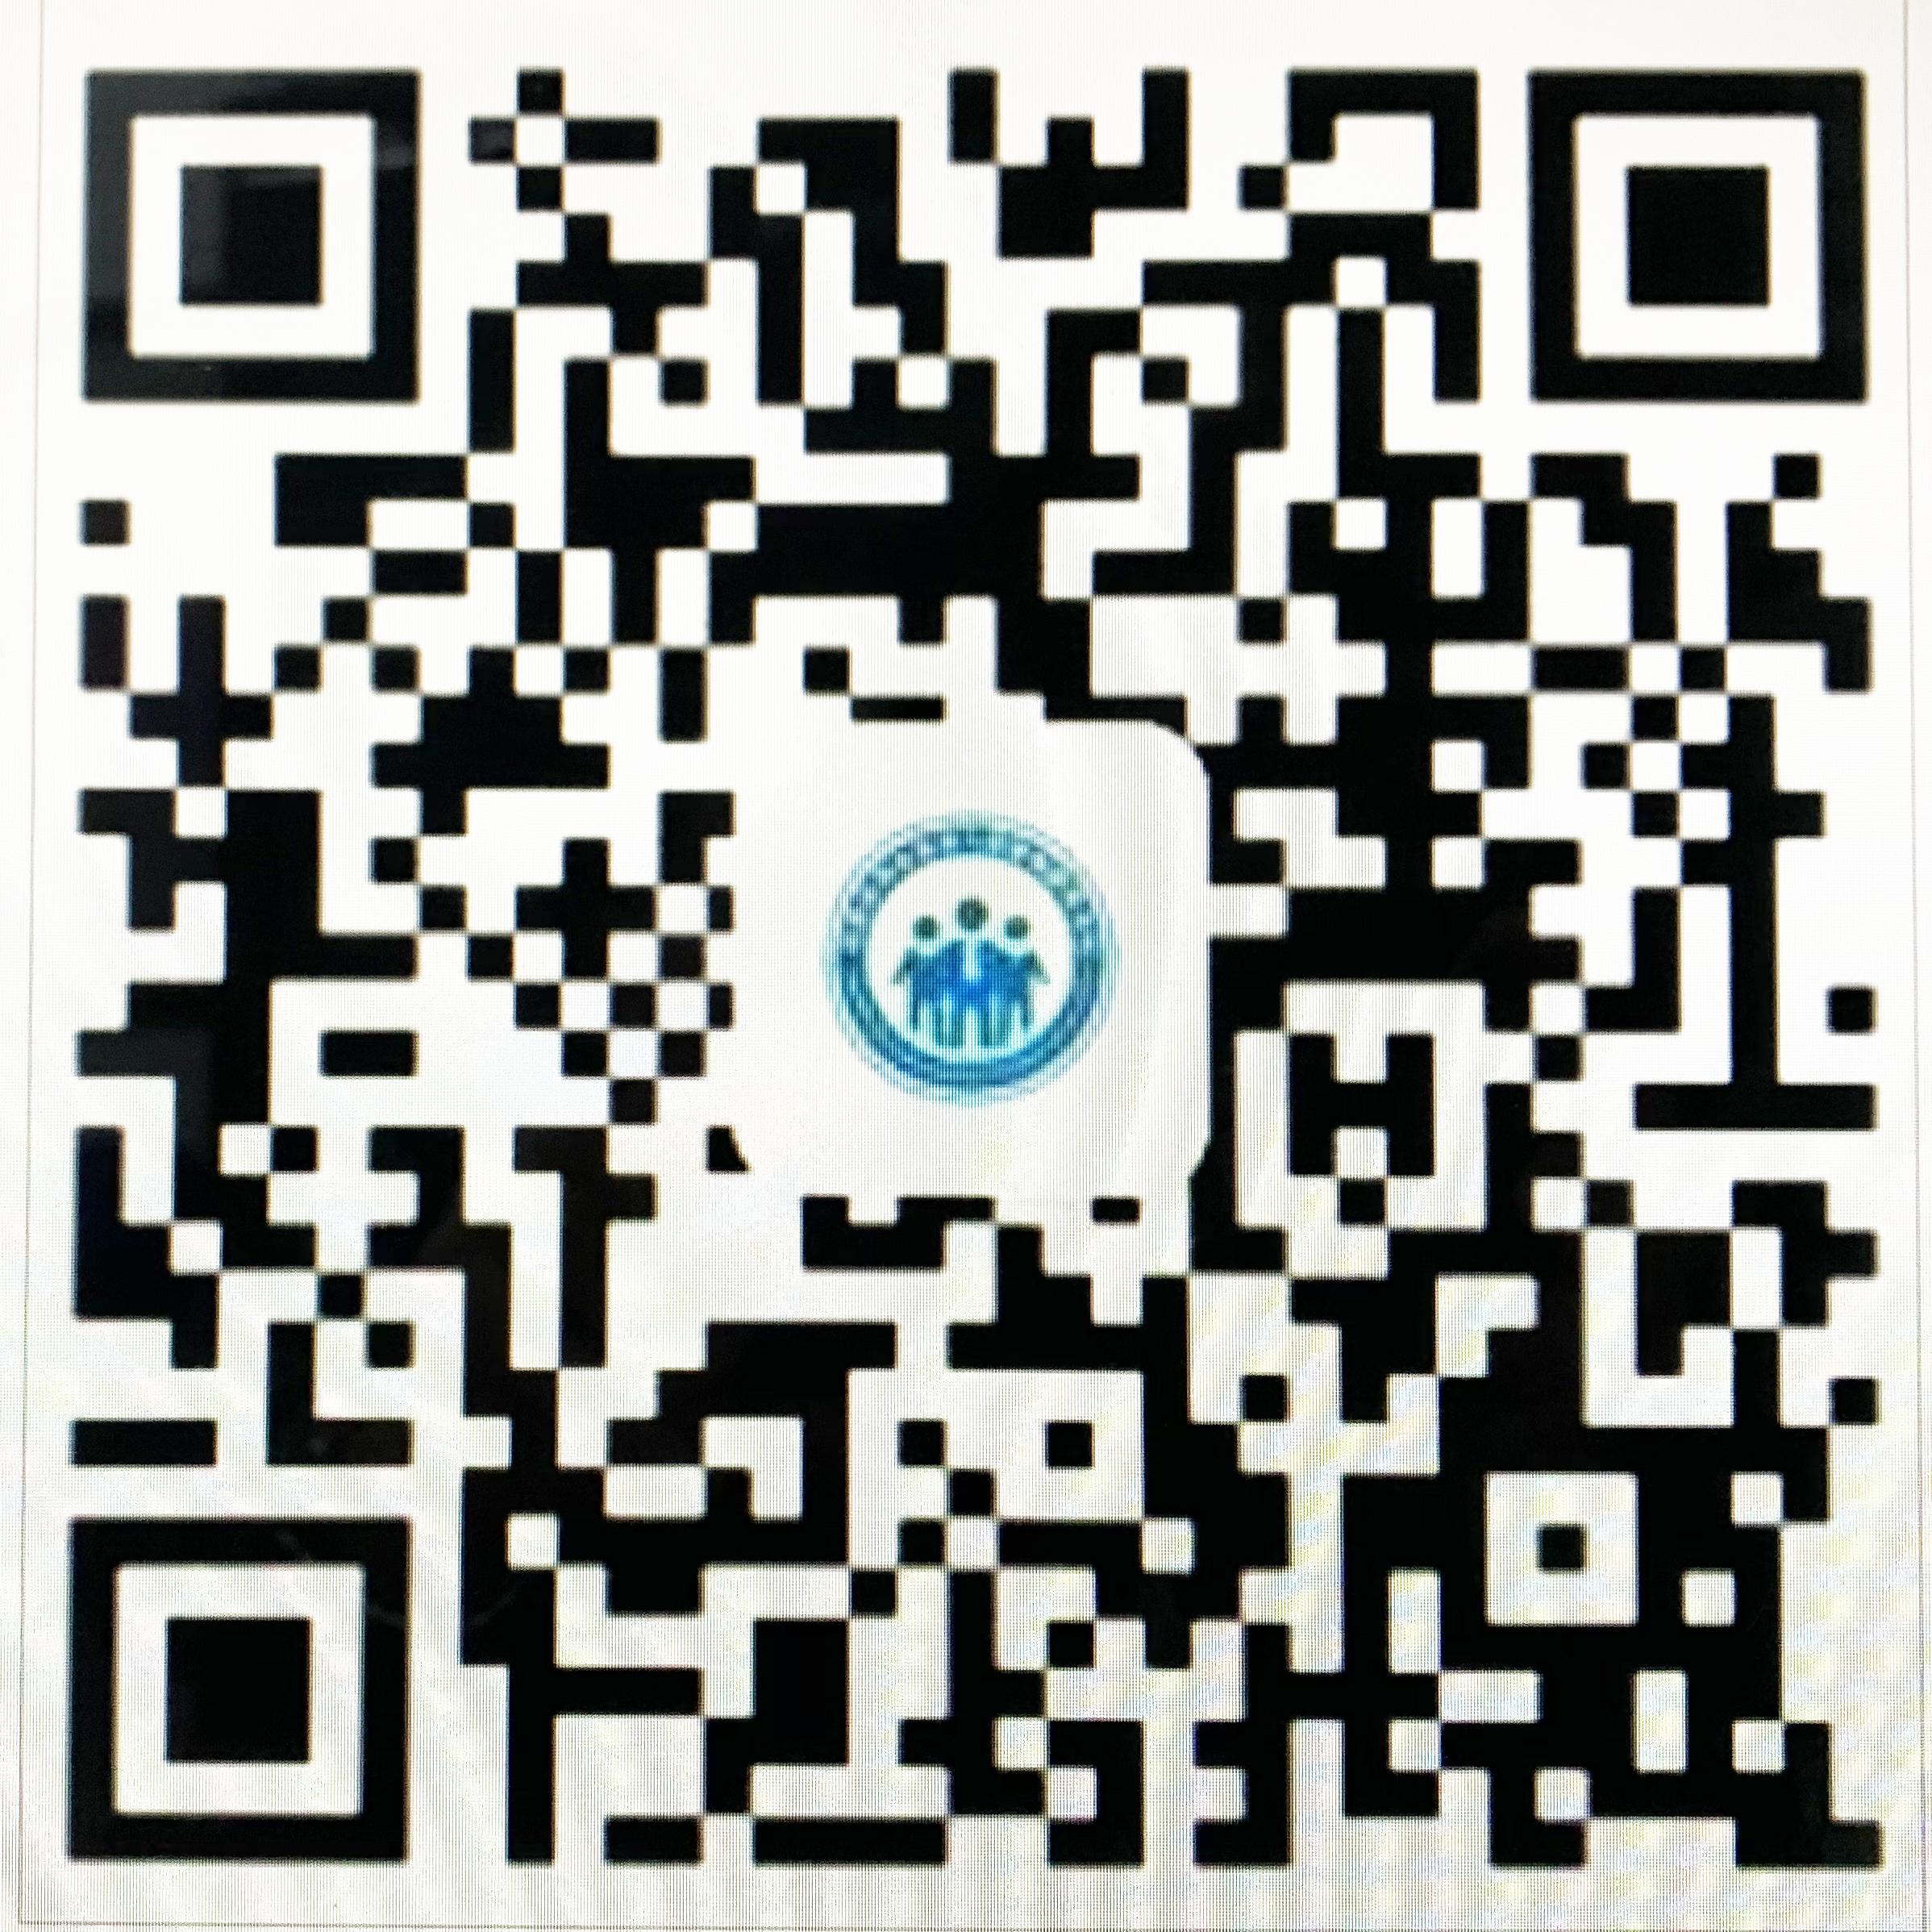 山西省专业技术人员管理服务中心微信公众号二维码